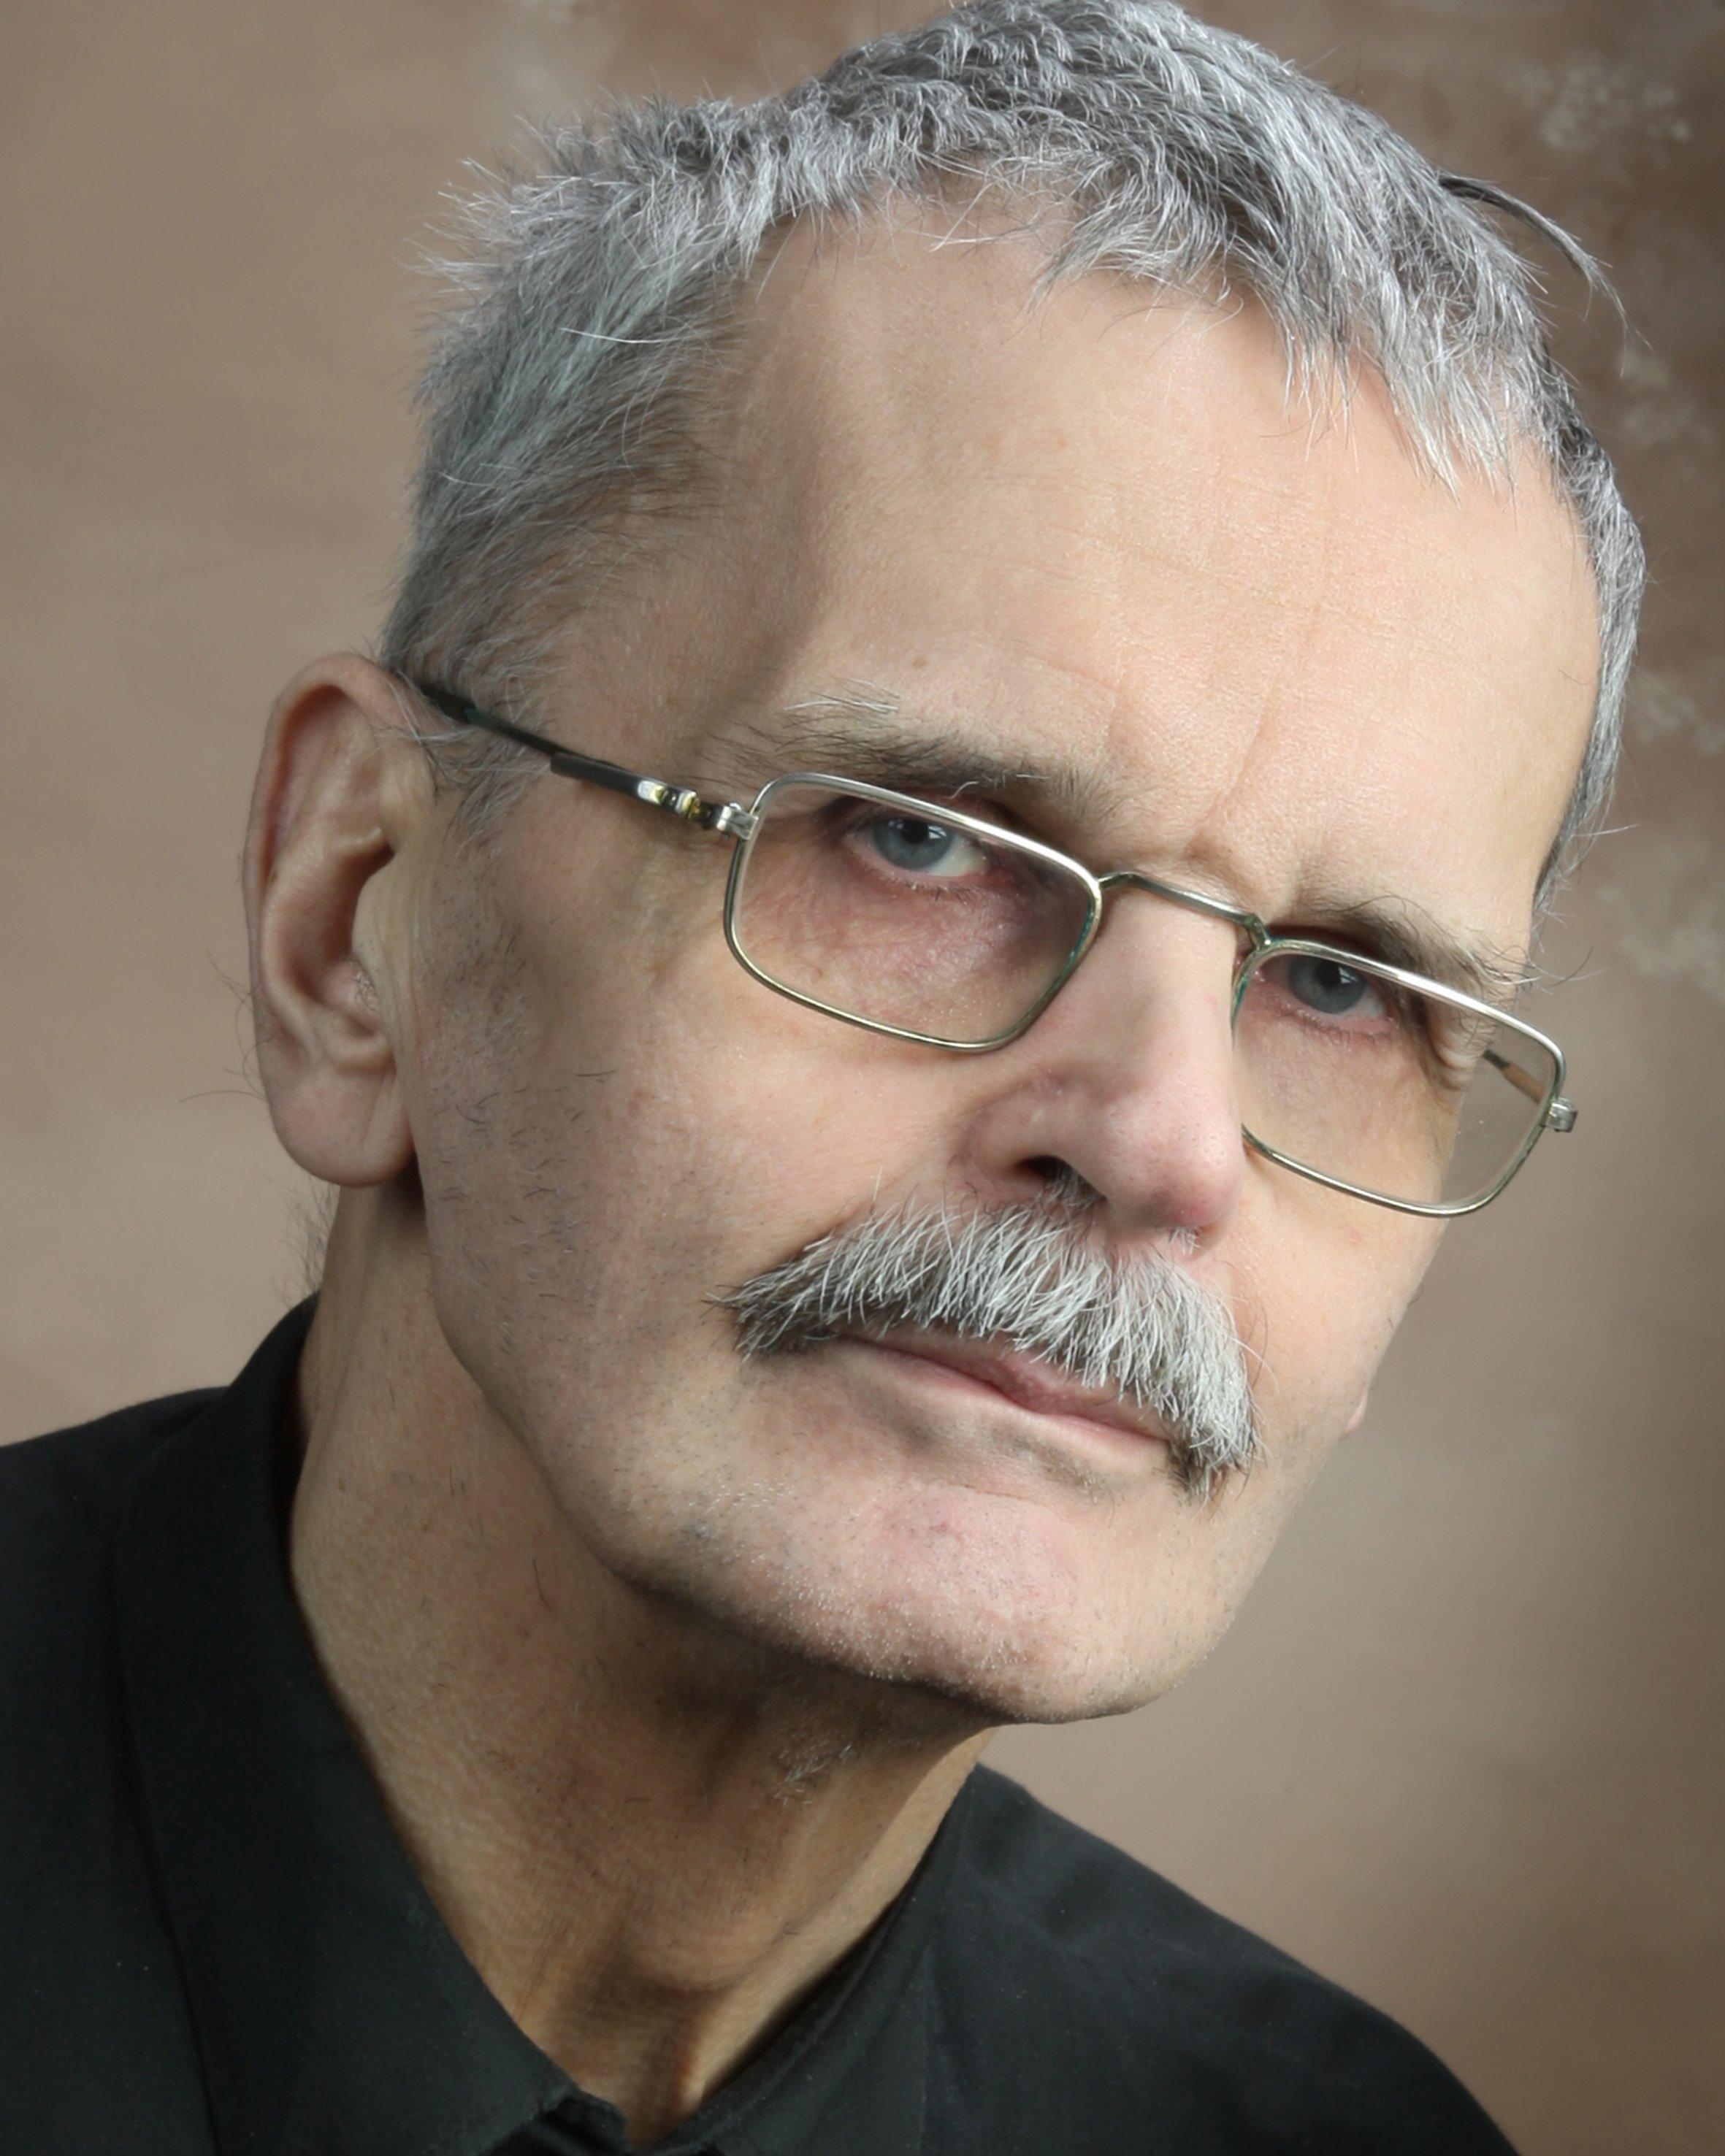 Porträtt av Gösta Ågren, en man med grått hår, mustasch och glasögon